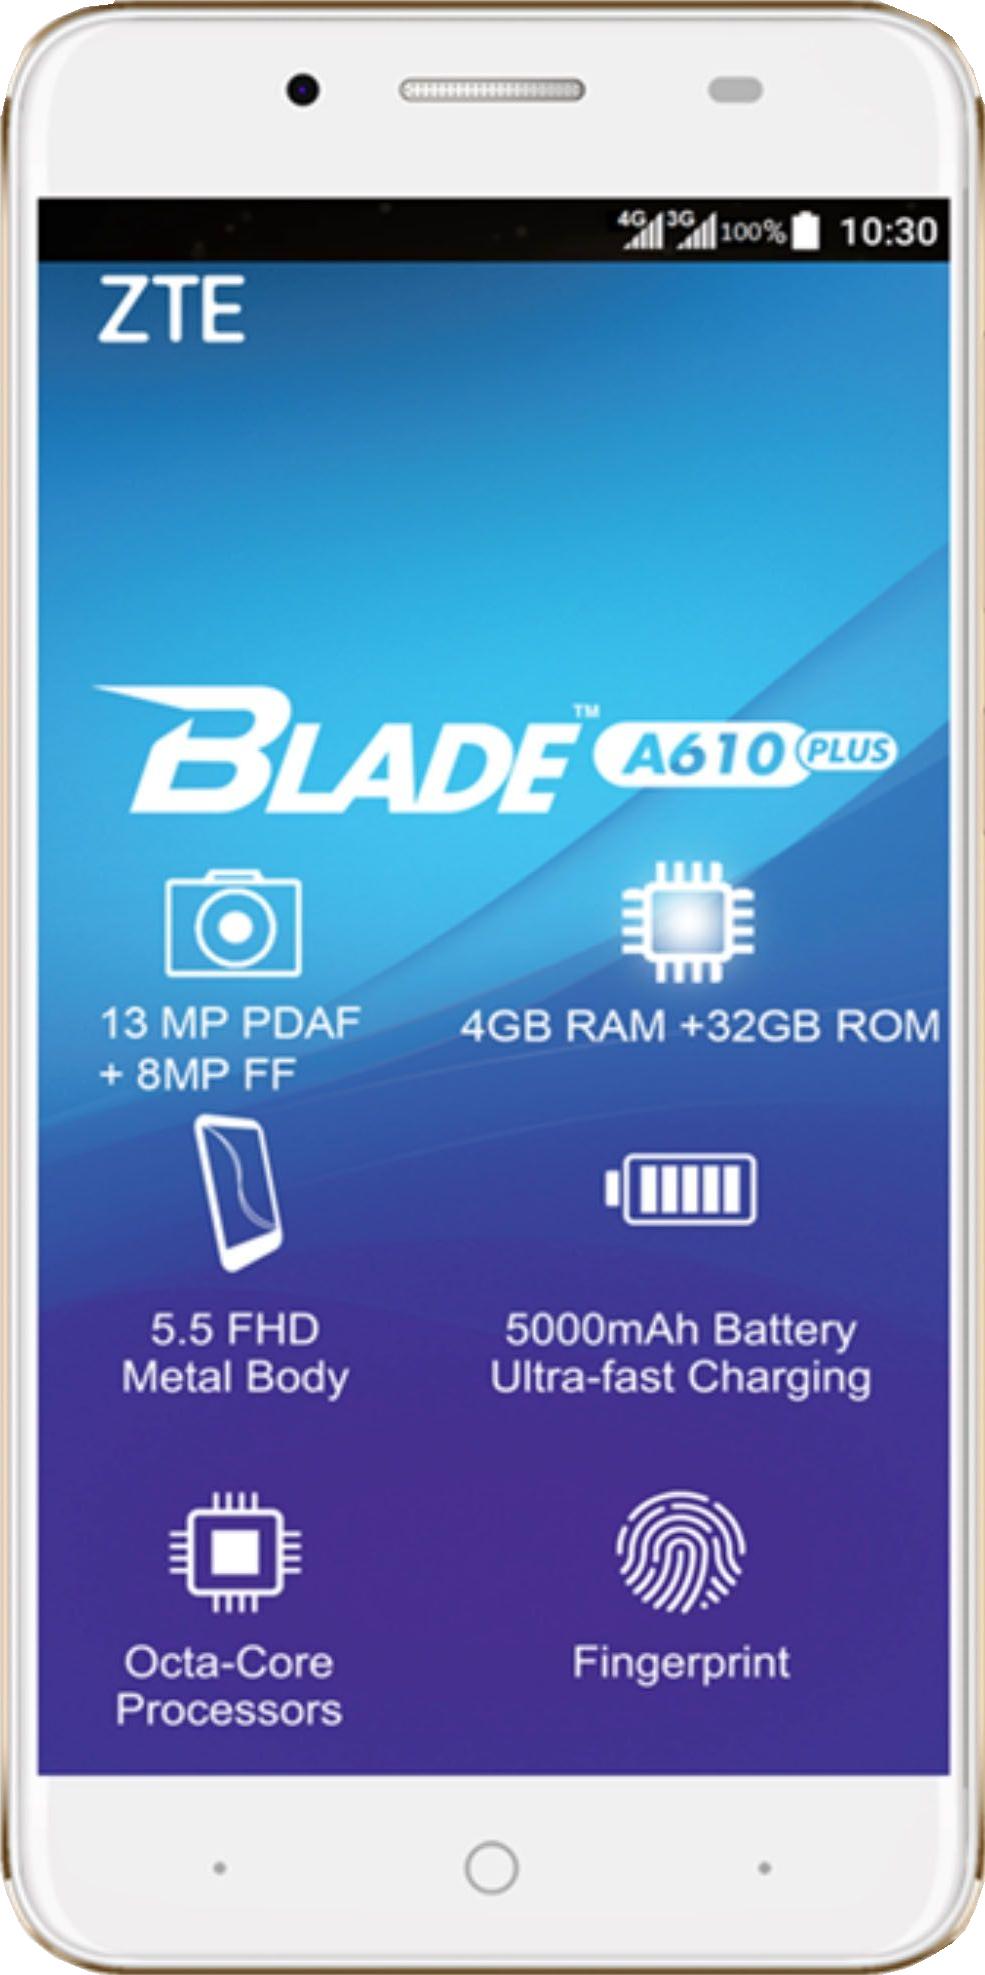 инструкция пользователя zte blade a610 plus